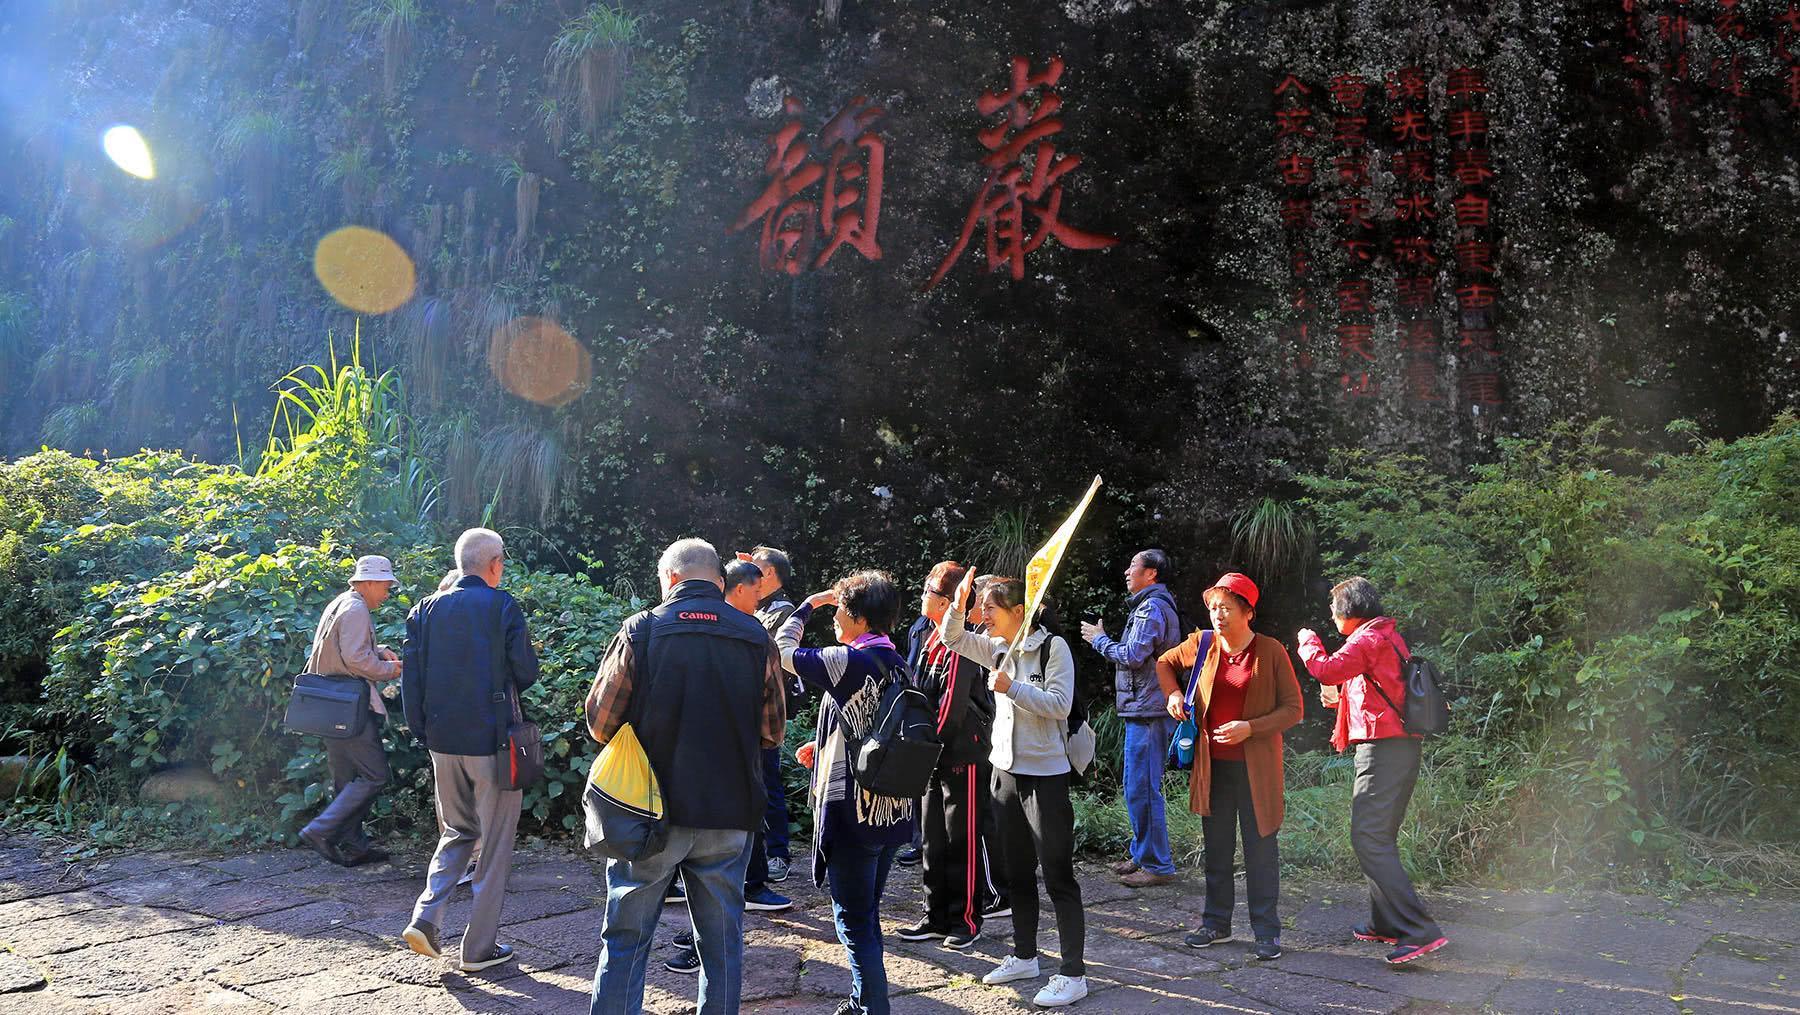 中国身价最高的树,20克20.8万天价,曾重兵把守投保1亿元